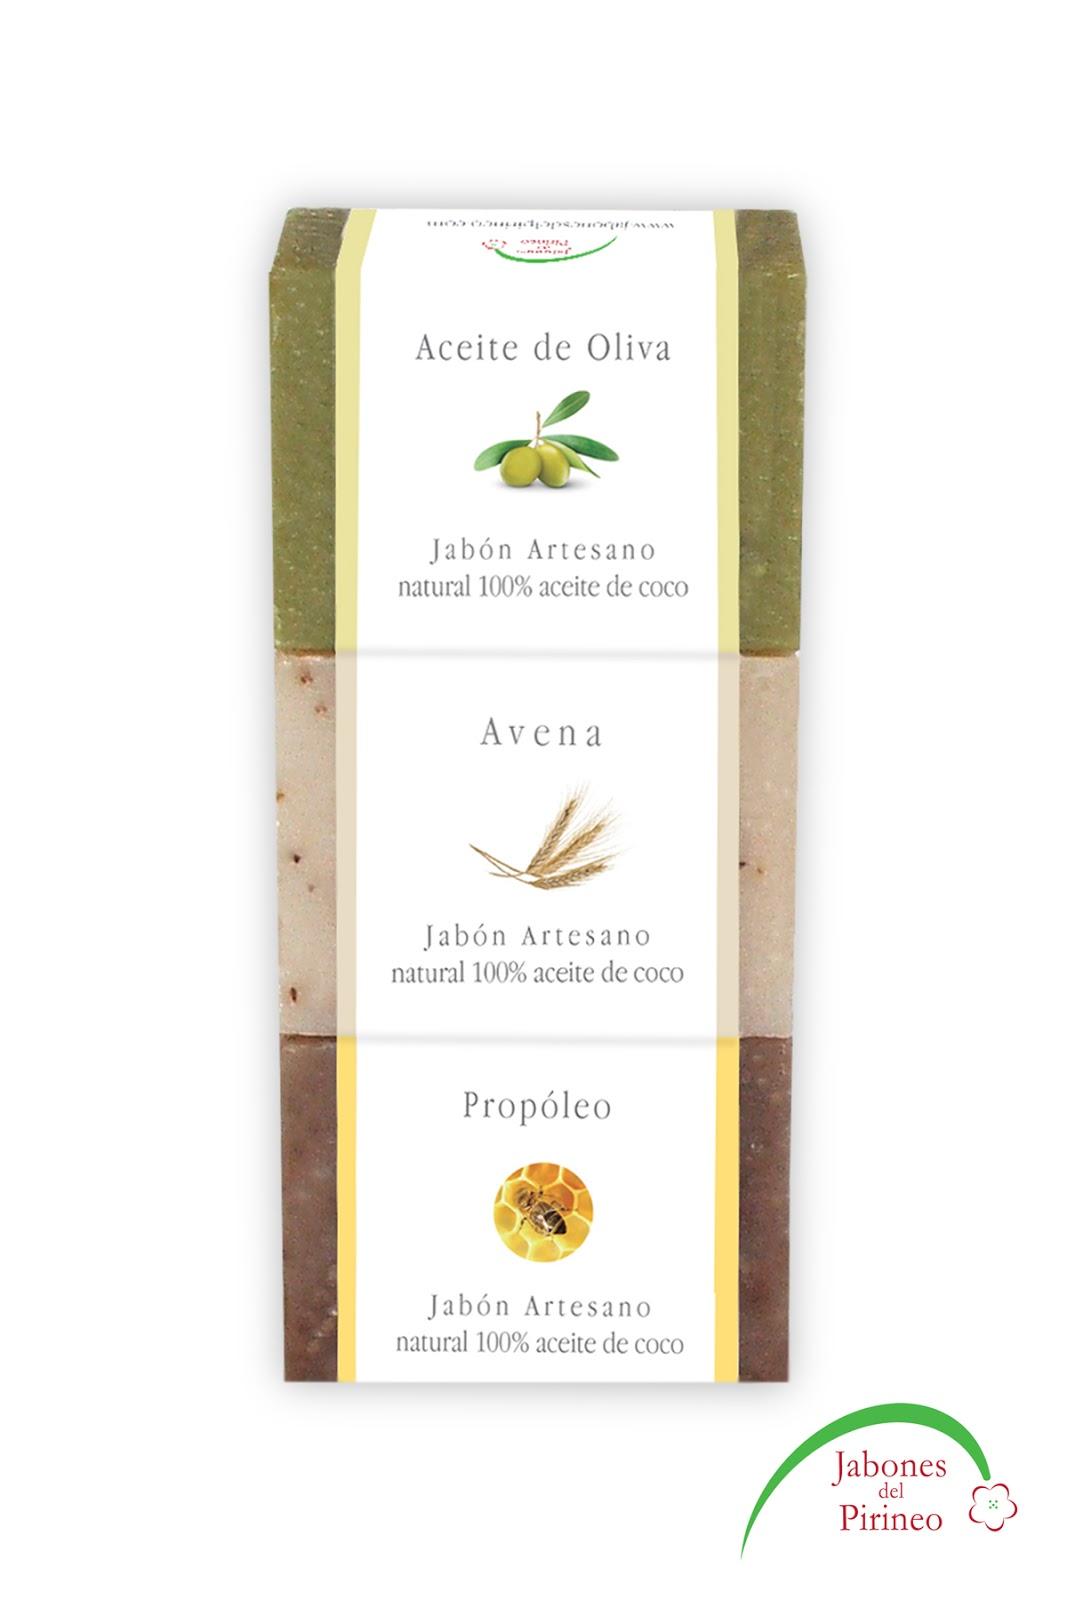 Jabones de Aceite de Oliva, Avena y Propóleo